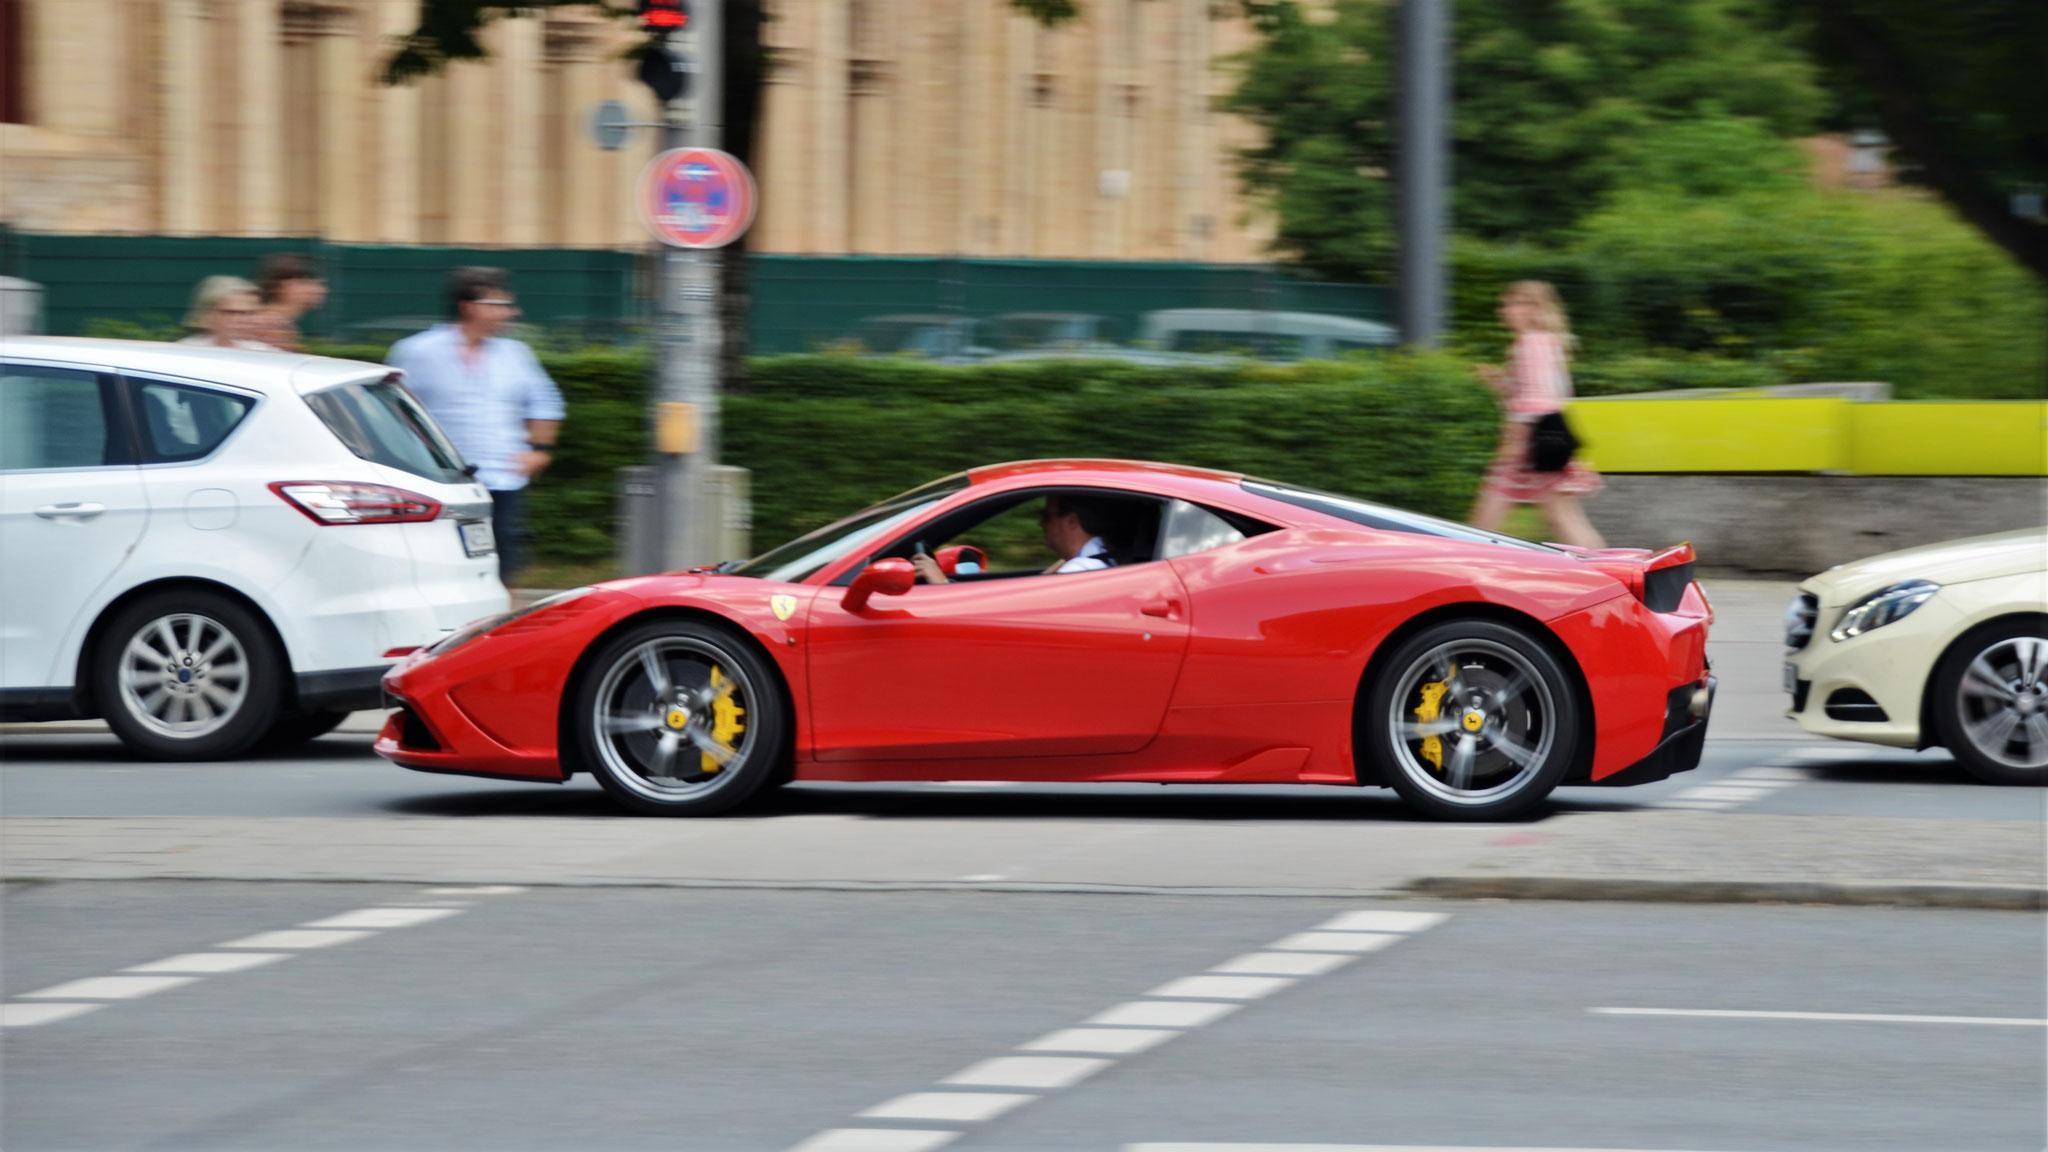 Ferrari 458 Speciale - STA-JA-11